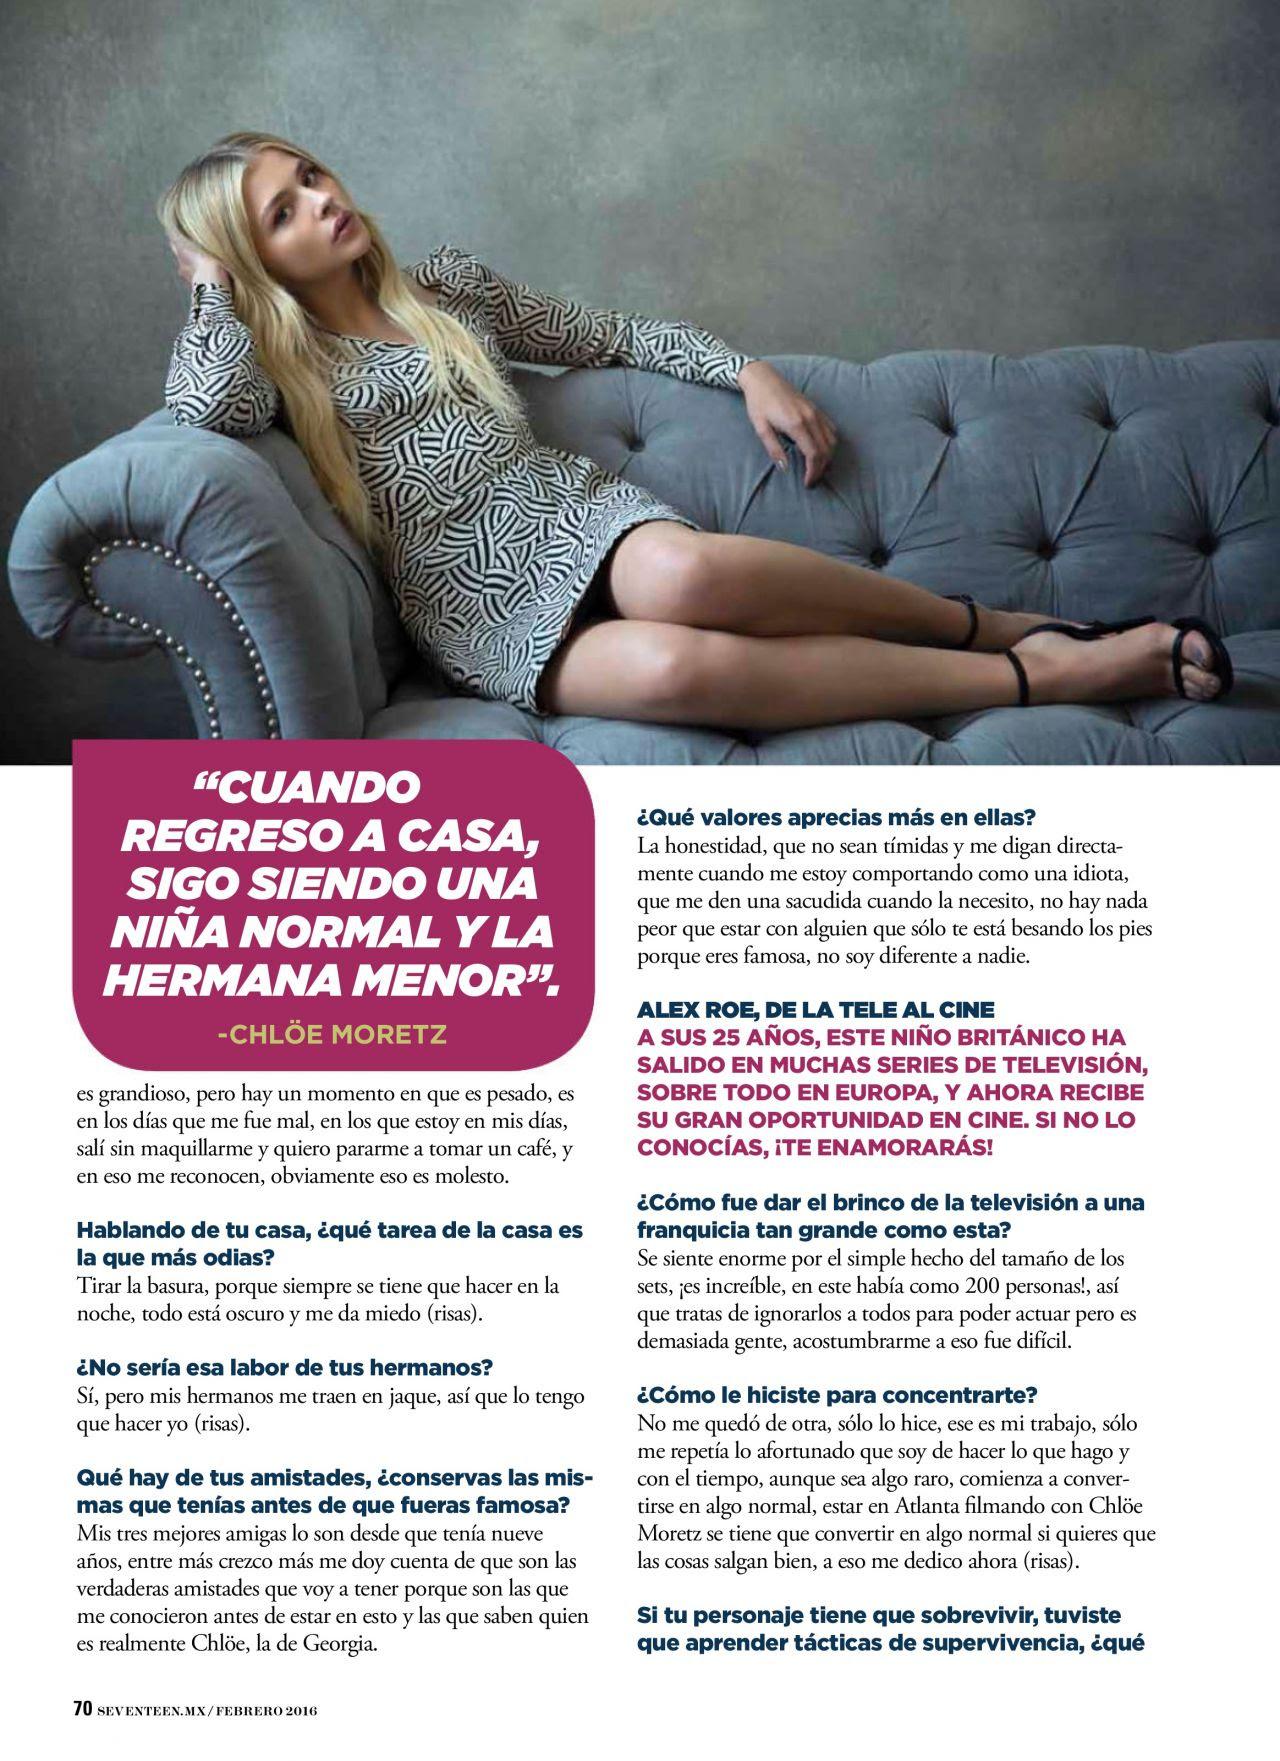 http://celebmafia.com/wp-content/uploads/2016/01/chlo%C3%AB-moretz-seventeen-magazine-mexico-february-2016-issue-2.jpg